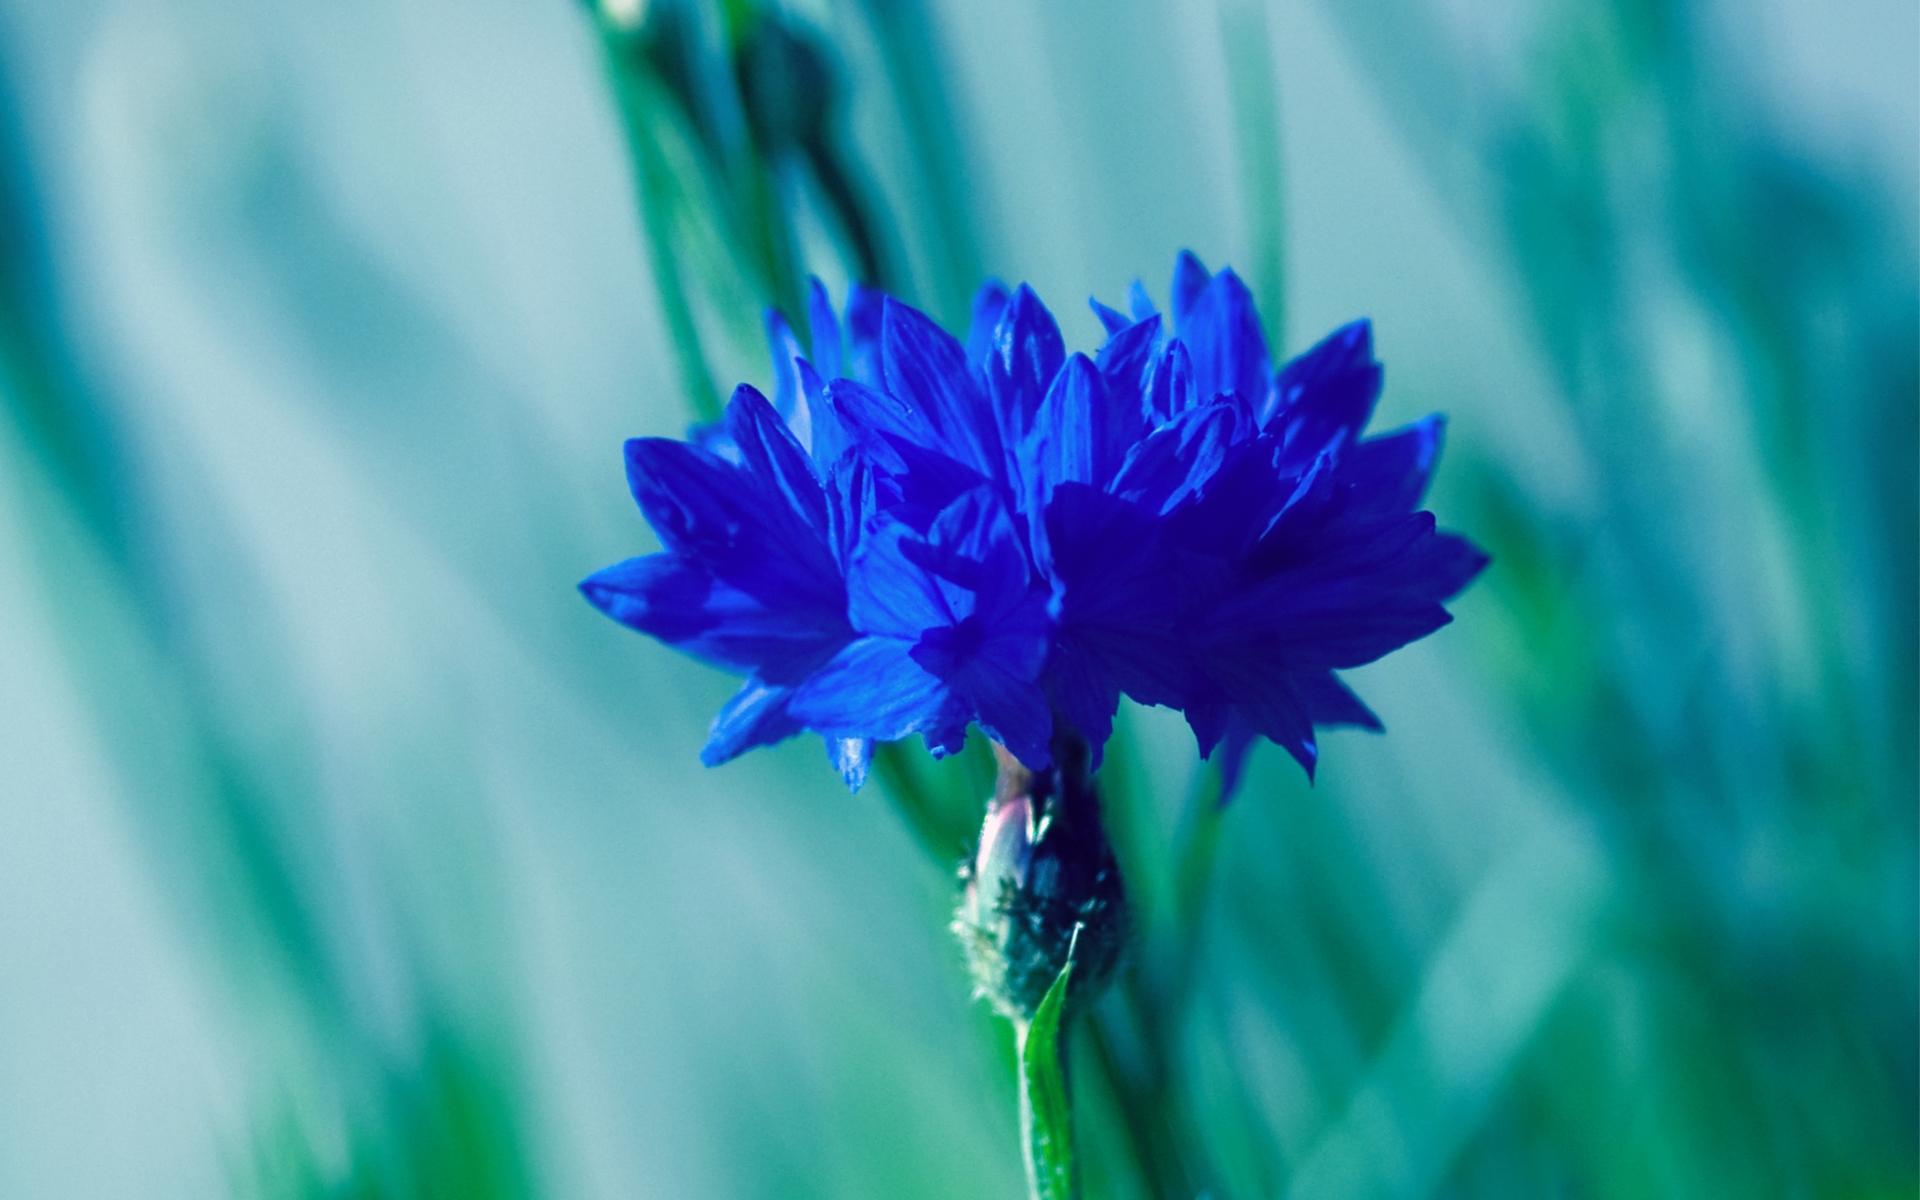 35696 скачать Бирюзовые обои на телефон бесплатно, Растения, Цветы Бирюзовые картинки и заставки на мобильный